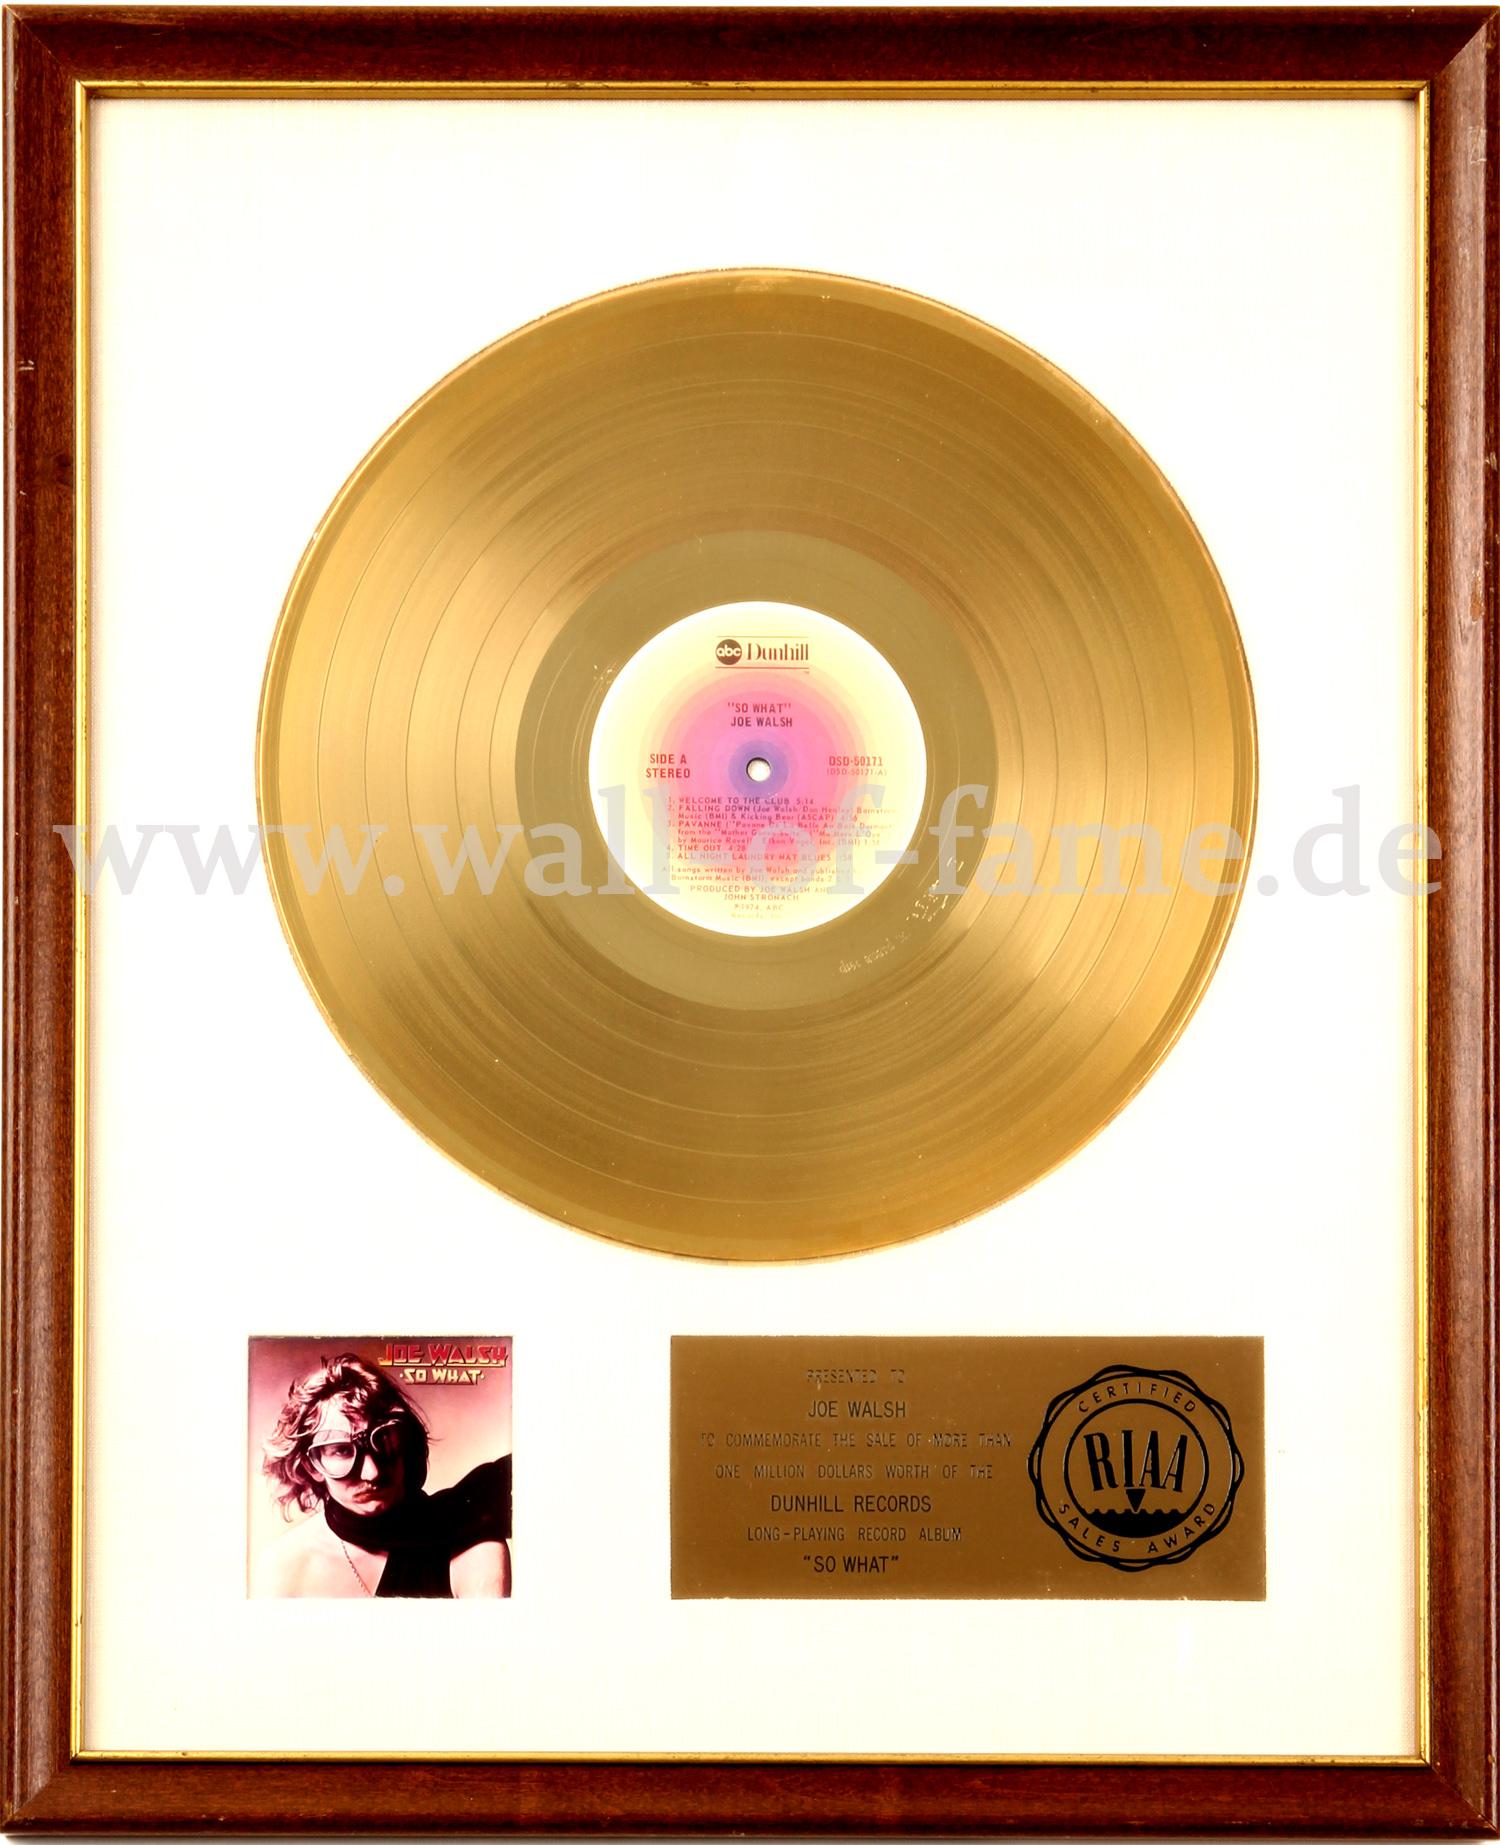 shop - rock + pop supporter collector - Wall of Fame - Ralf Zurloh